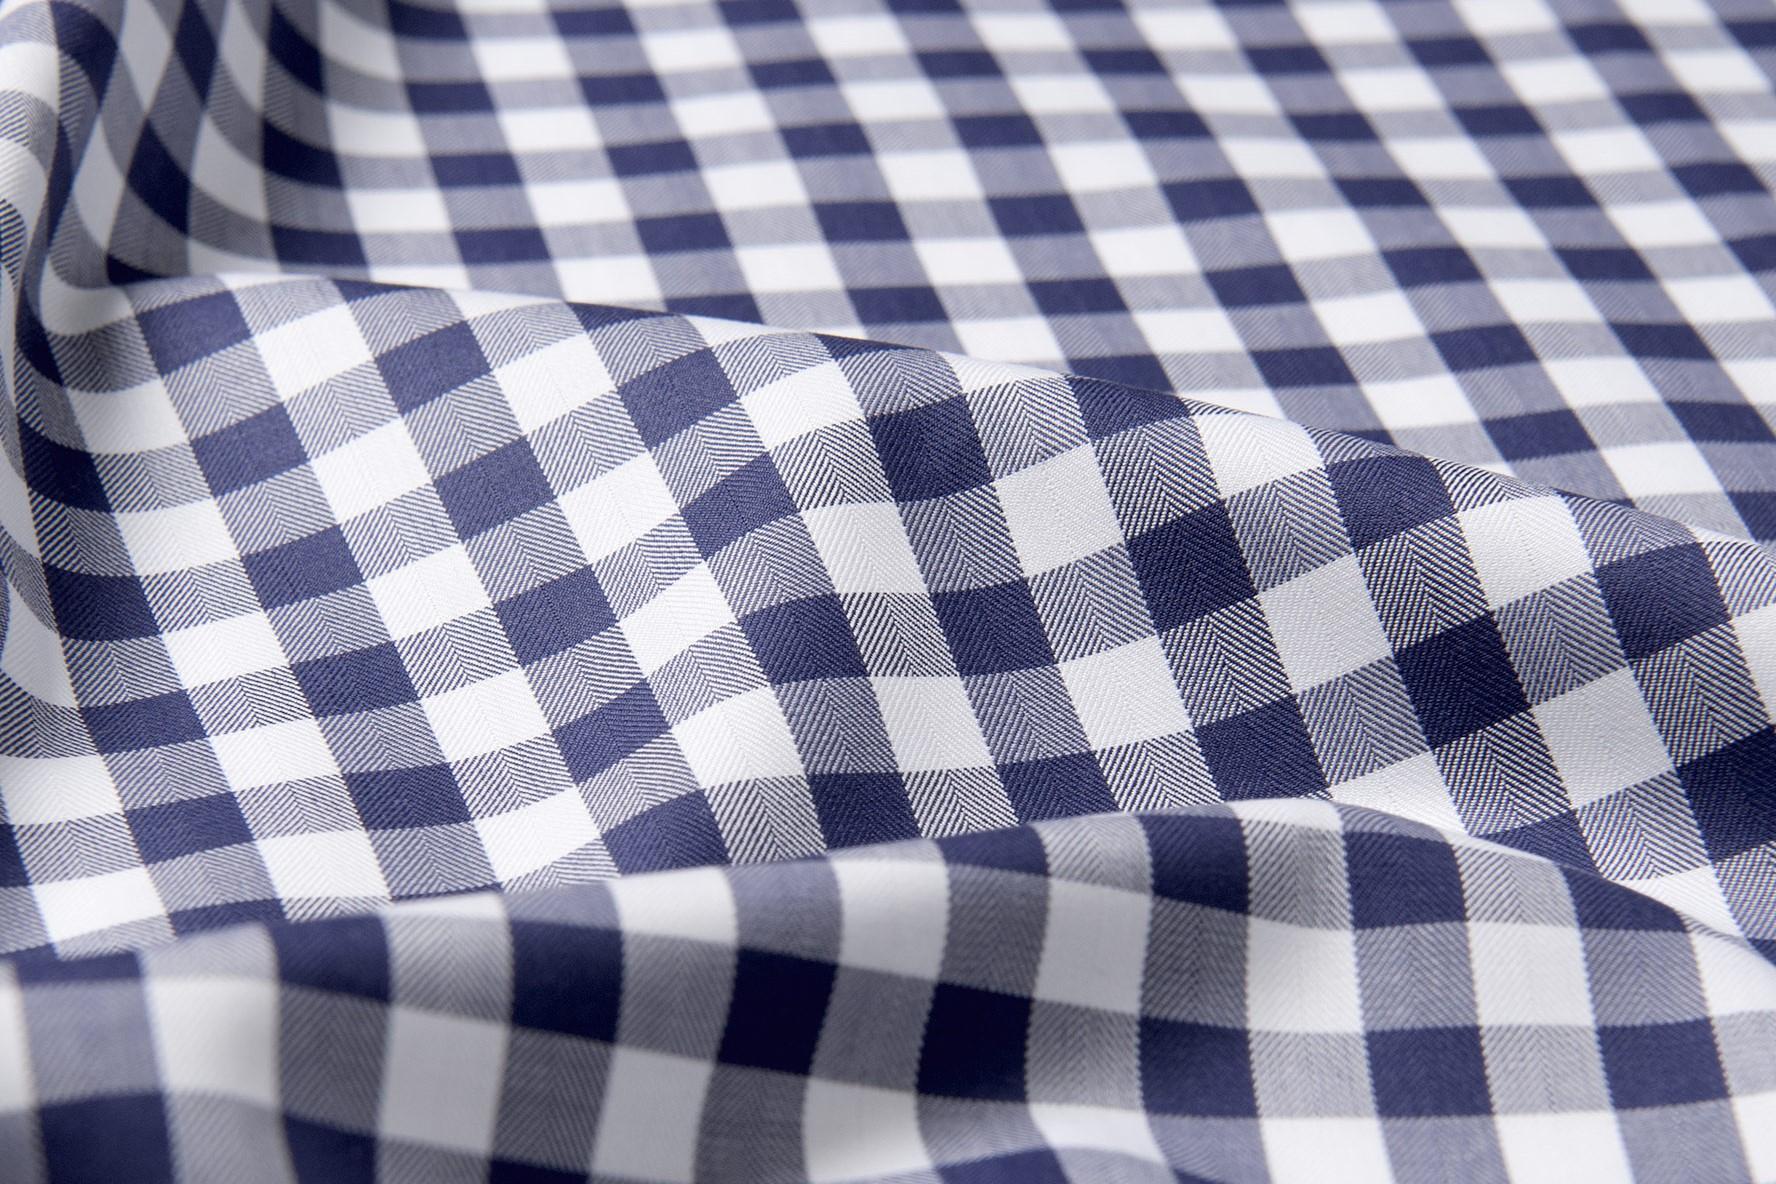 herringbone check shirt fabric